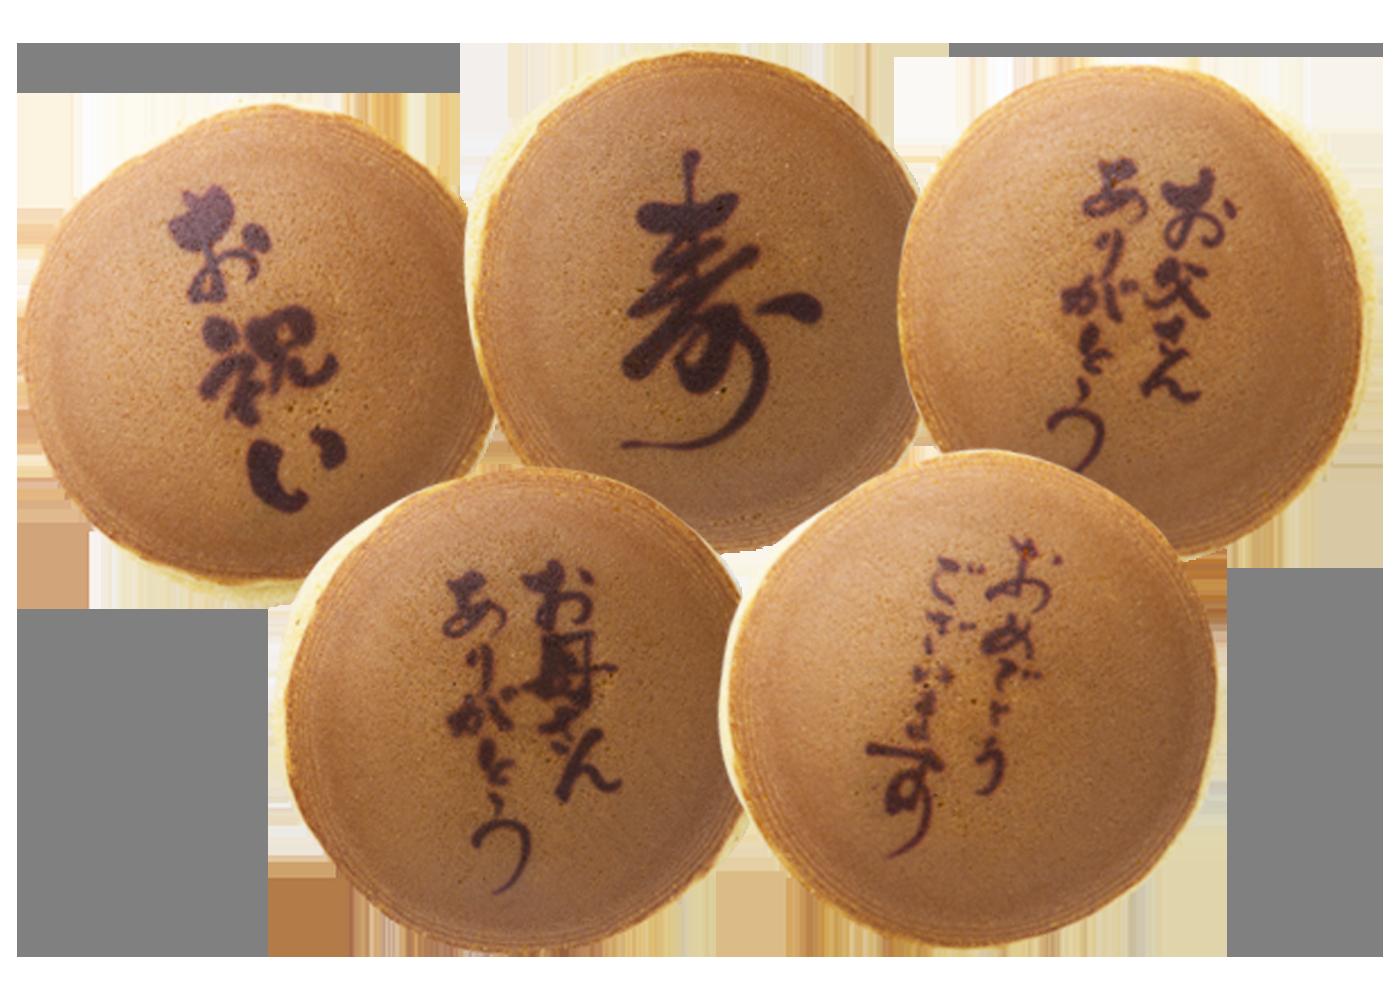 名入れ菓子ノベルティ商品